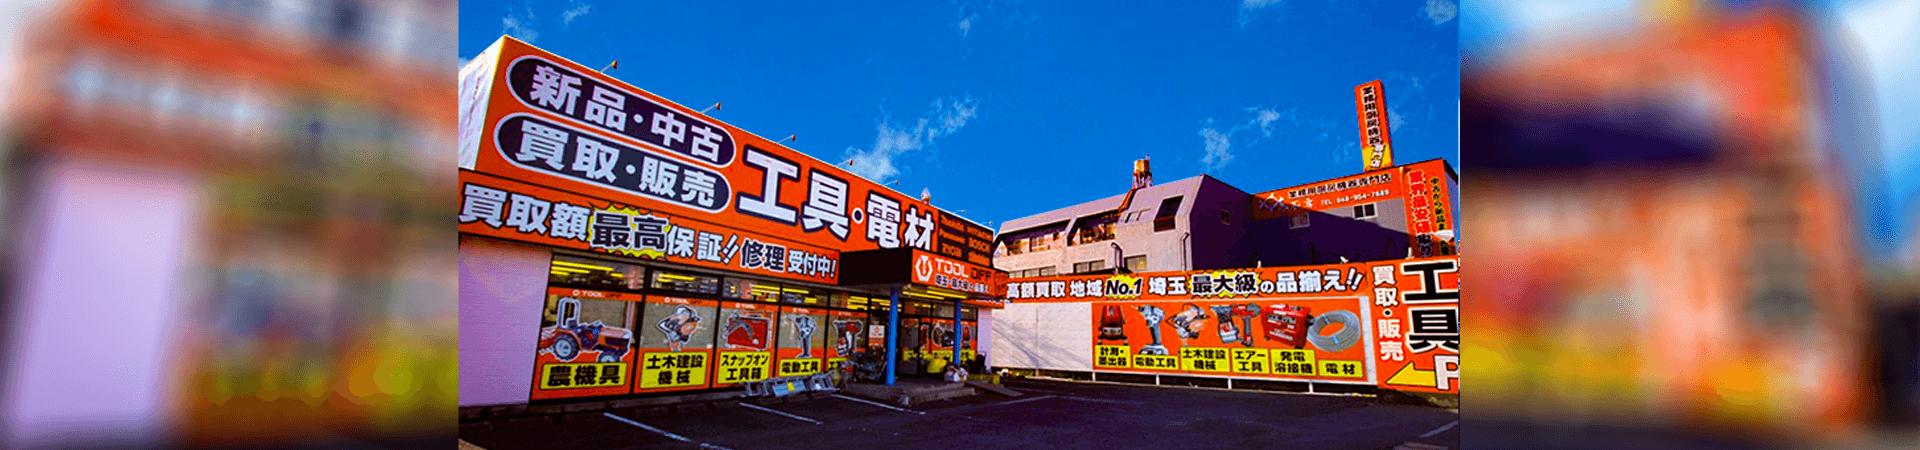 埼玉県で工具の買取ならツールオフへ